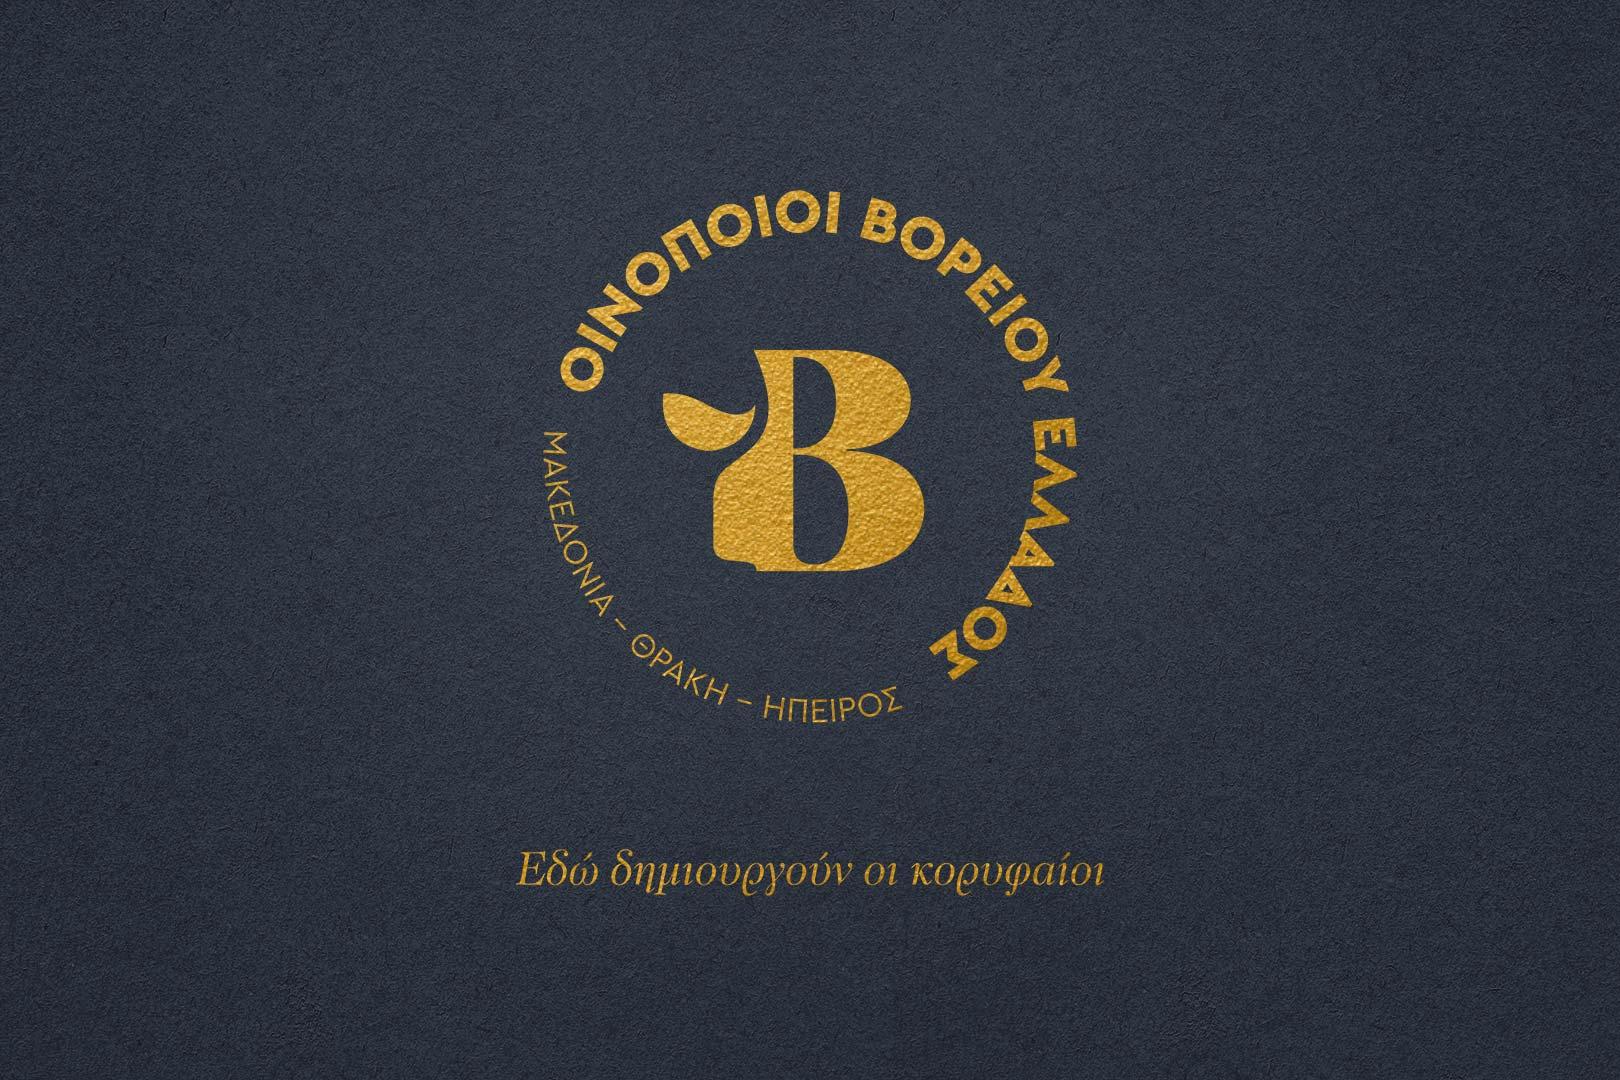 Οινοποιοί Βορείου Ελλάδος λογότυπο από την Two  Yellow Feet